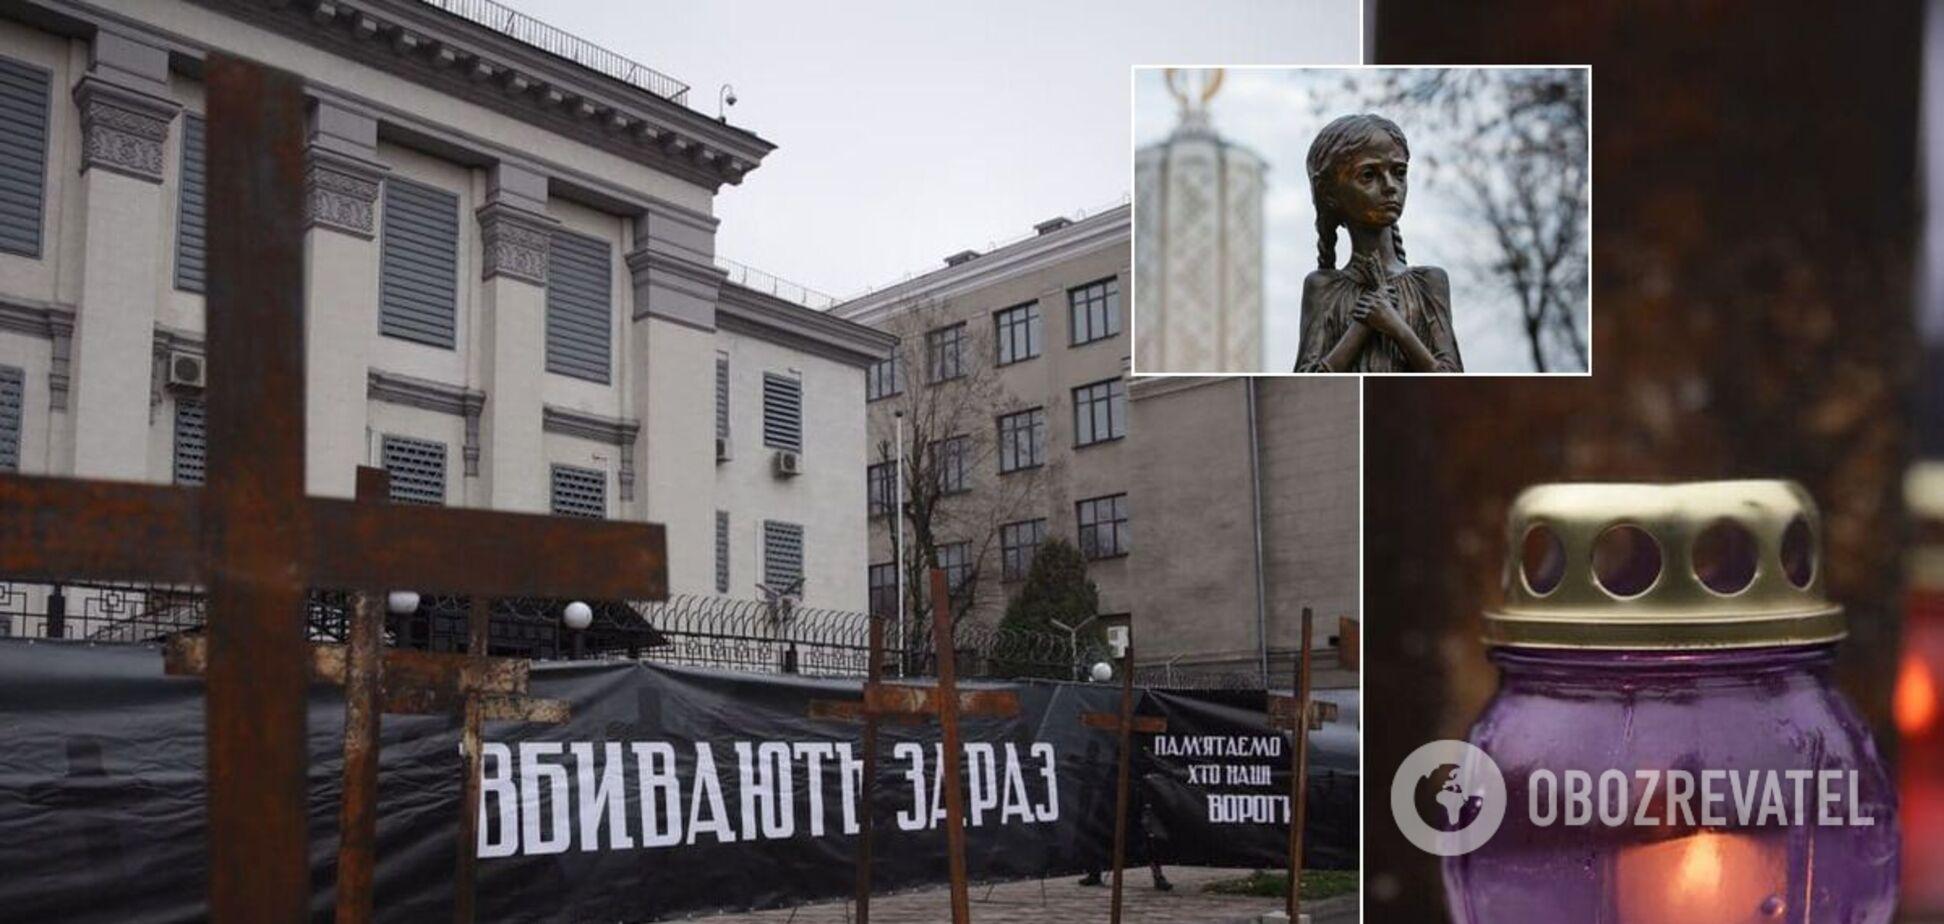 В Киеве возле посольства РФ установили кресты в память о жертвах Голодомора. Фото